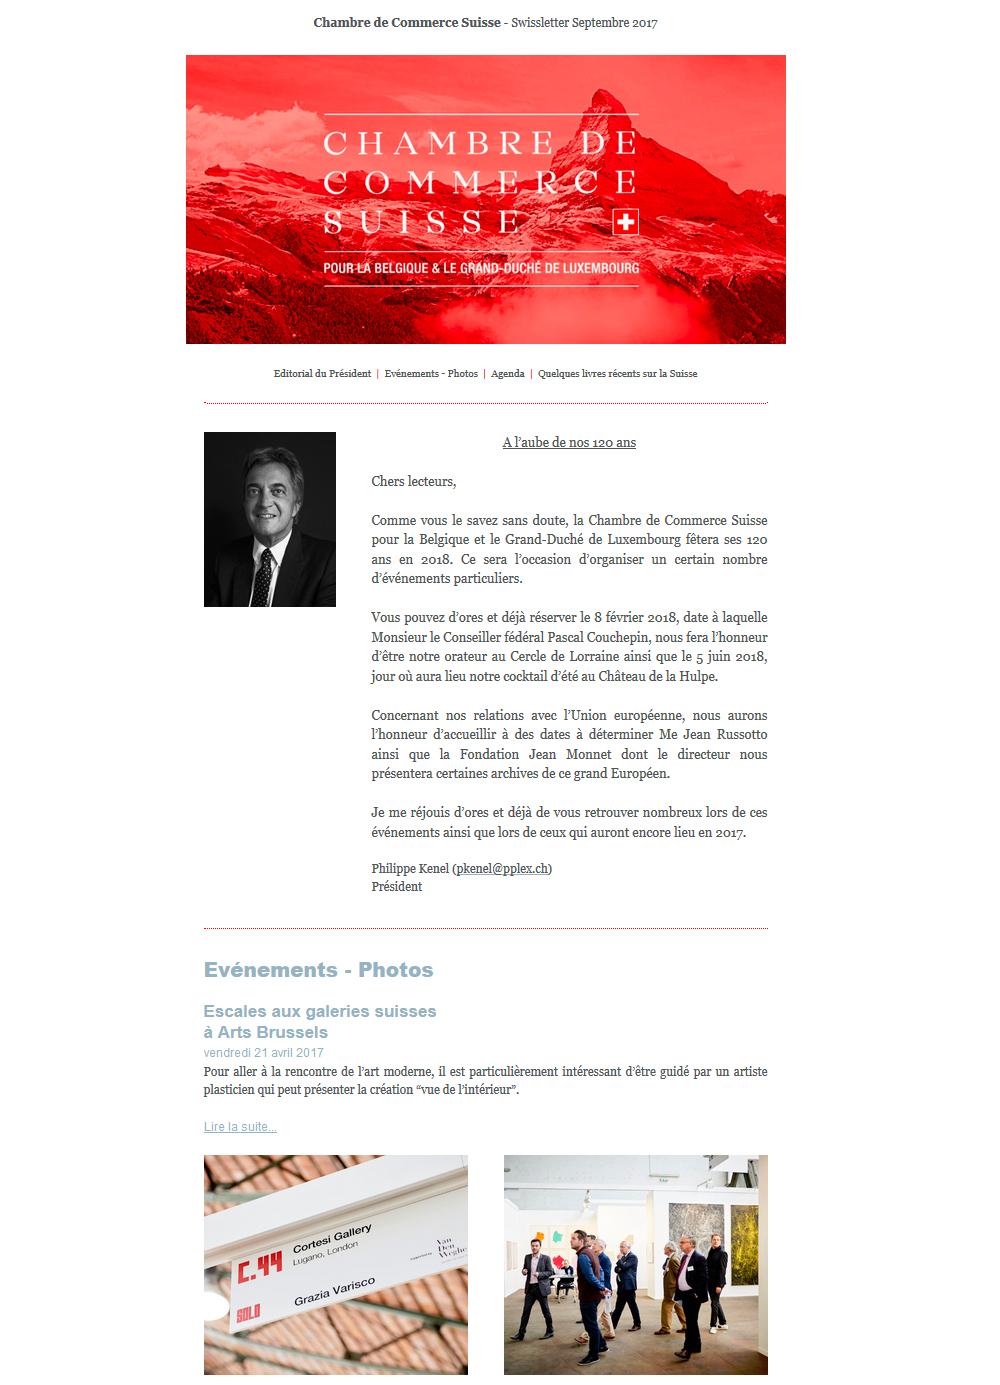 Accueil chambre de commerce suisse pour la belgique et for Chambre de commerce suisse